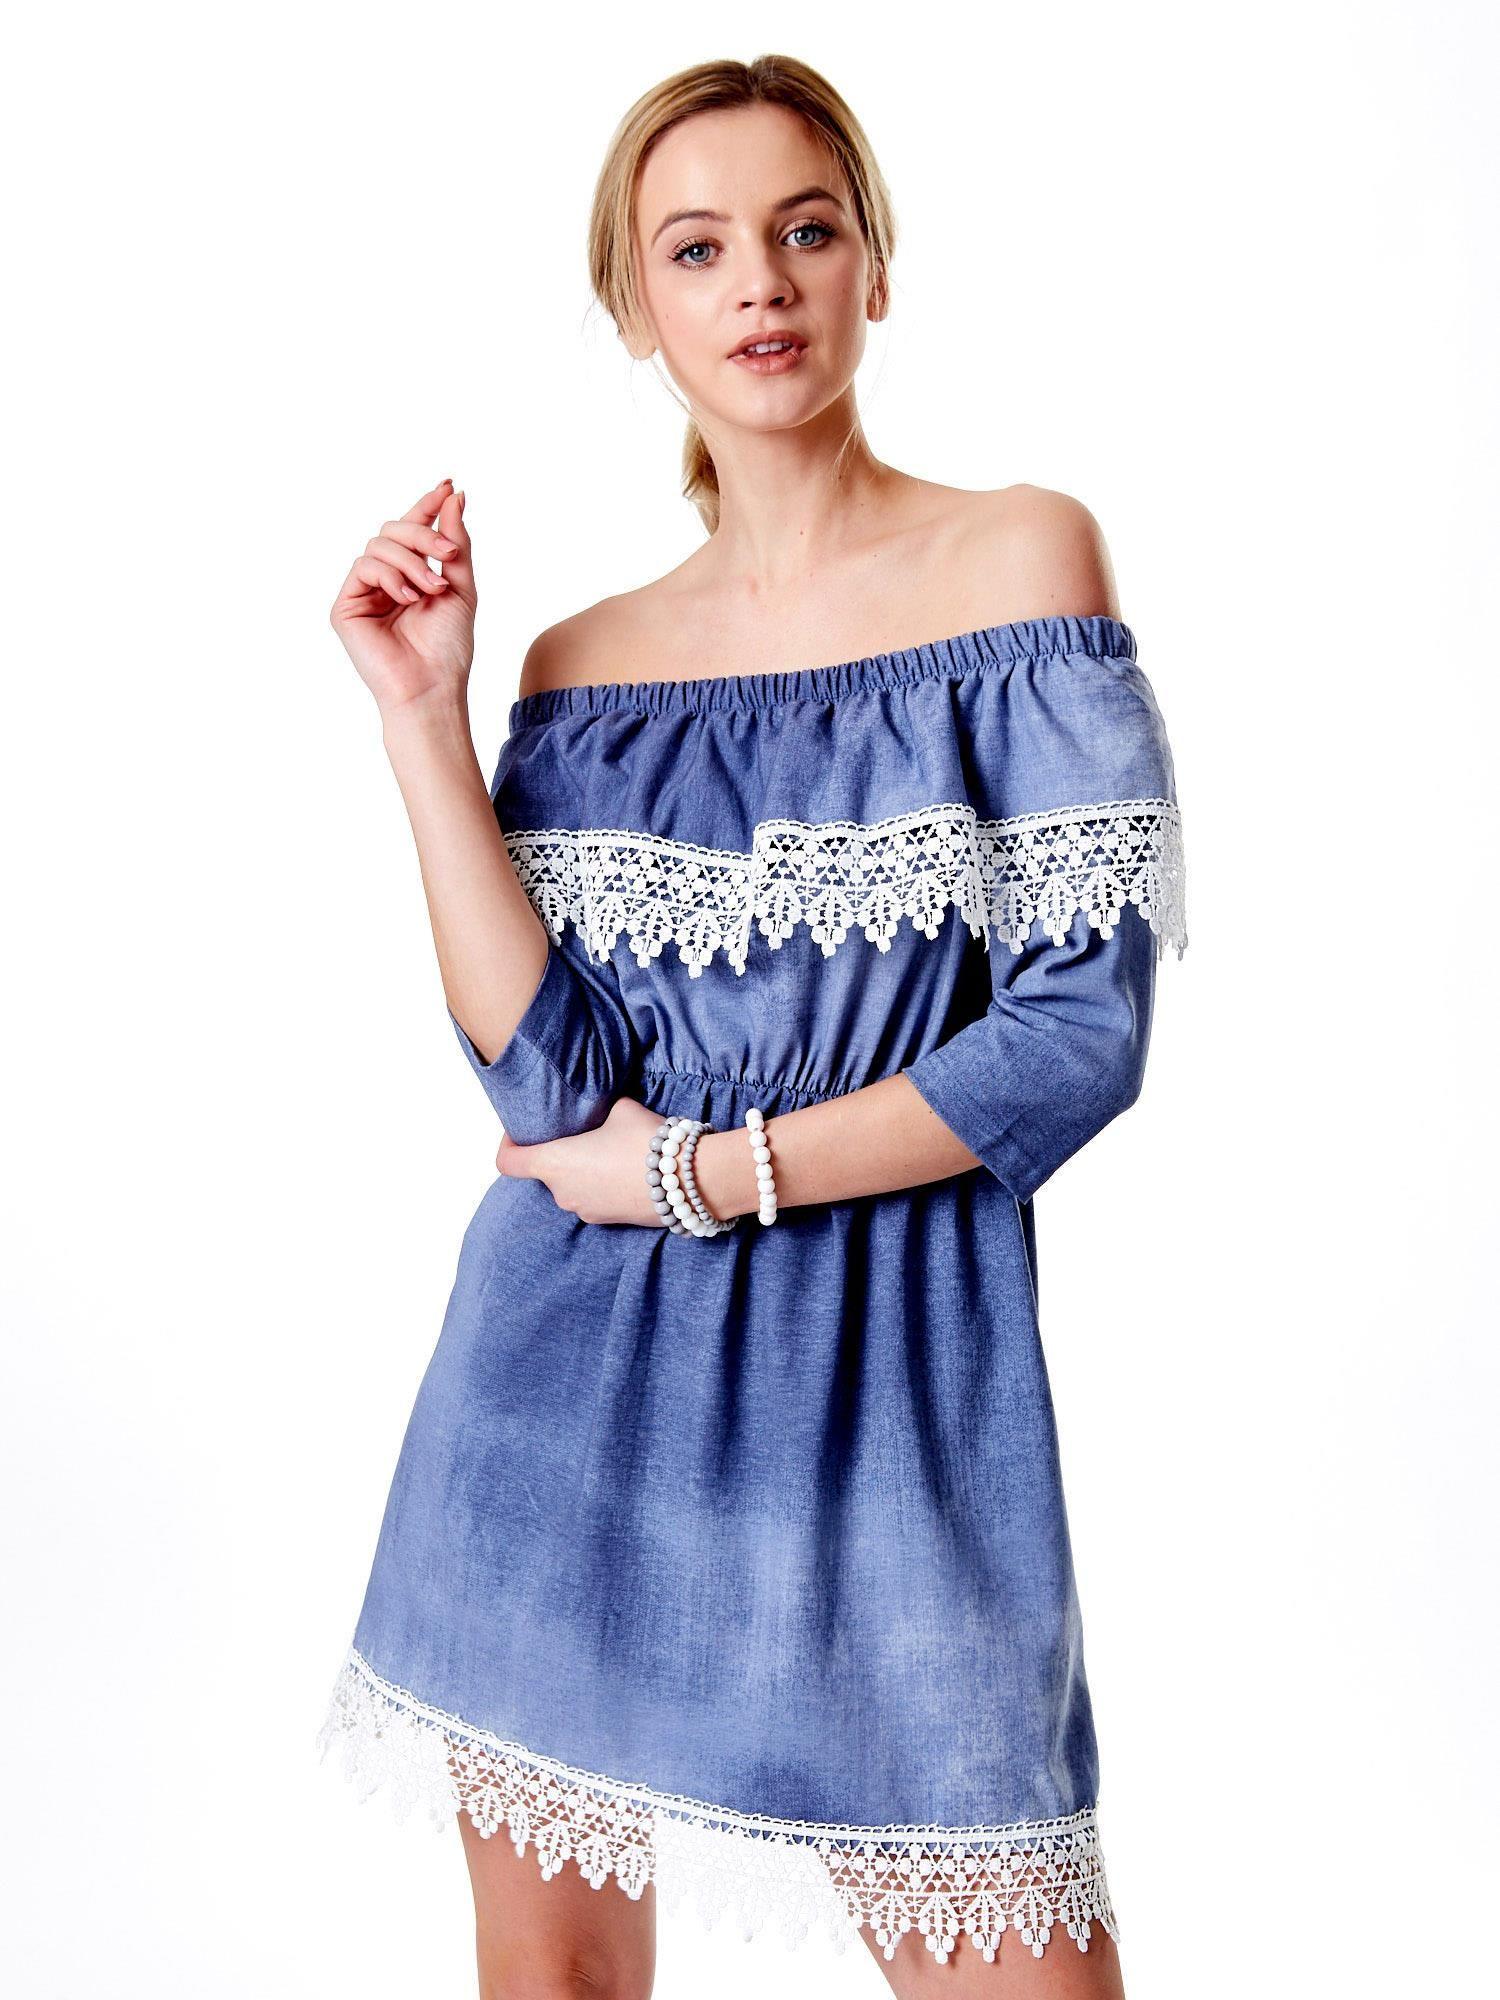 a0d5ecc628 Niebieska sukienka hiszpanka z koronką - Sukienka one size - sklep ...